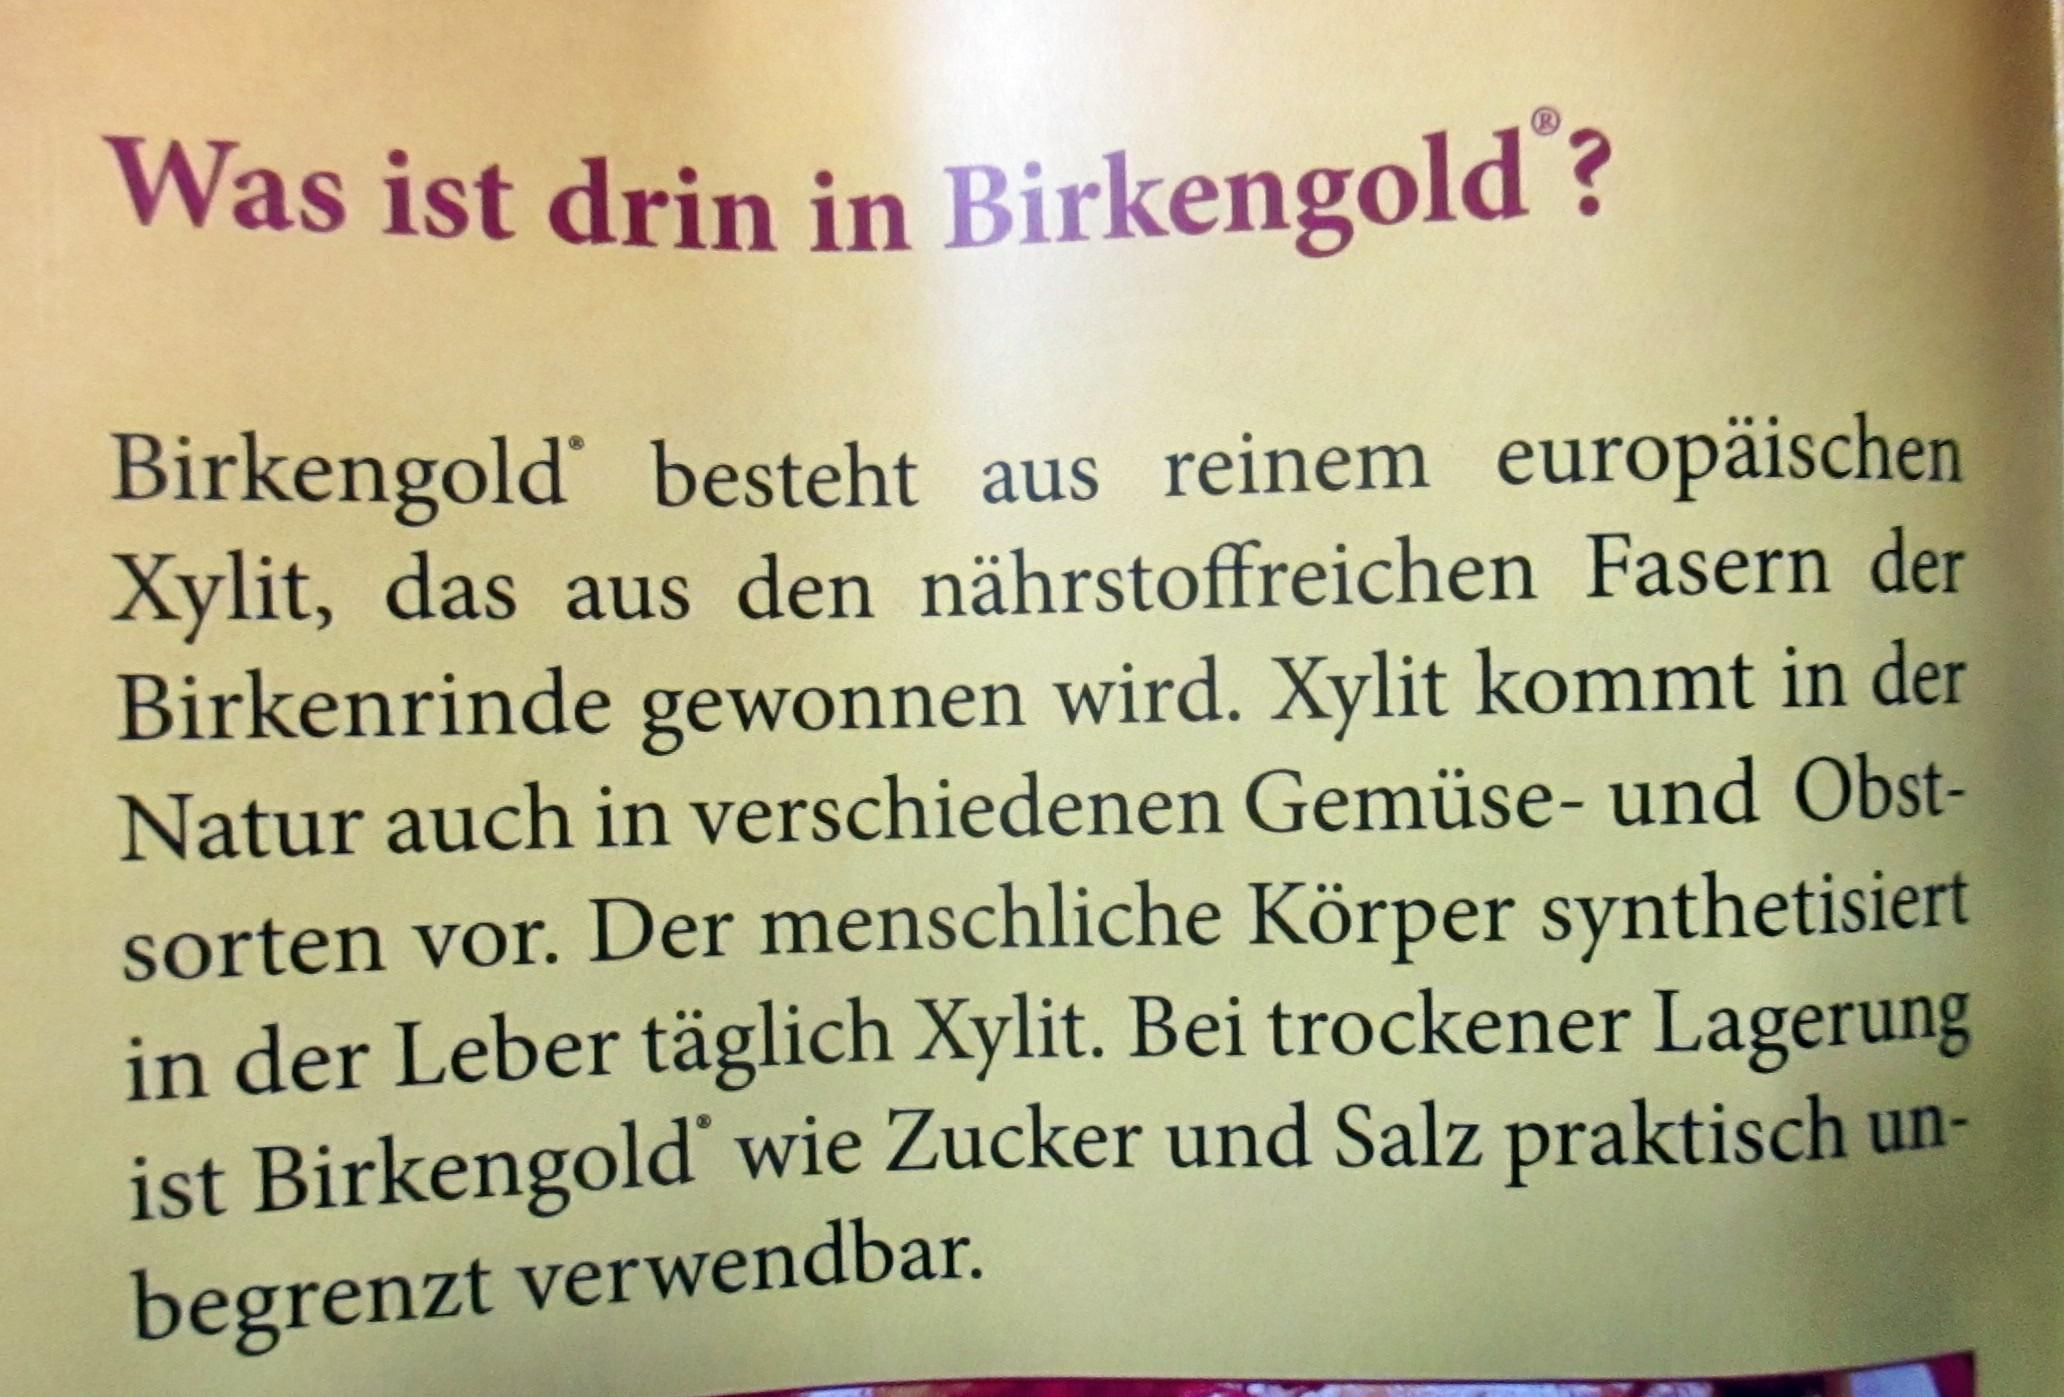 Salz und Zucker-Birkengold -22.6.15   (6)